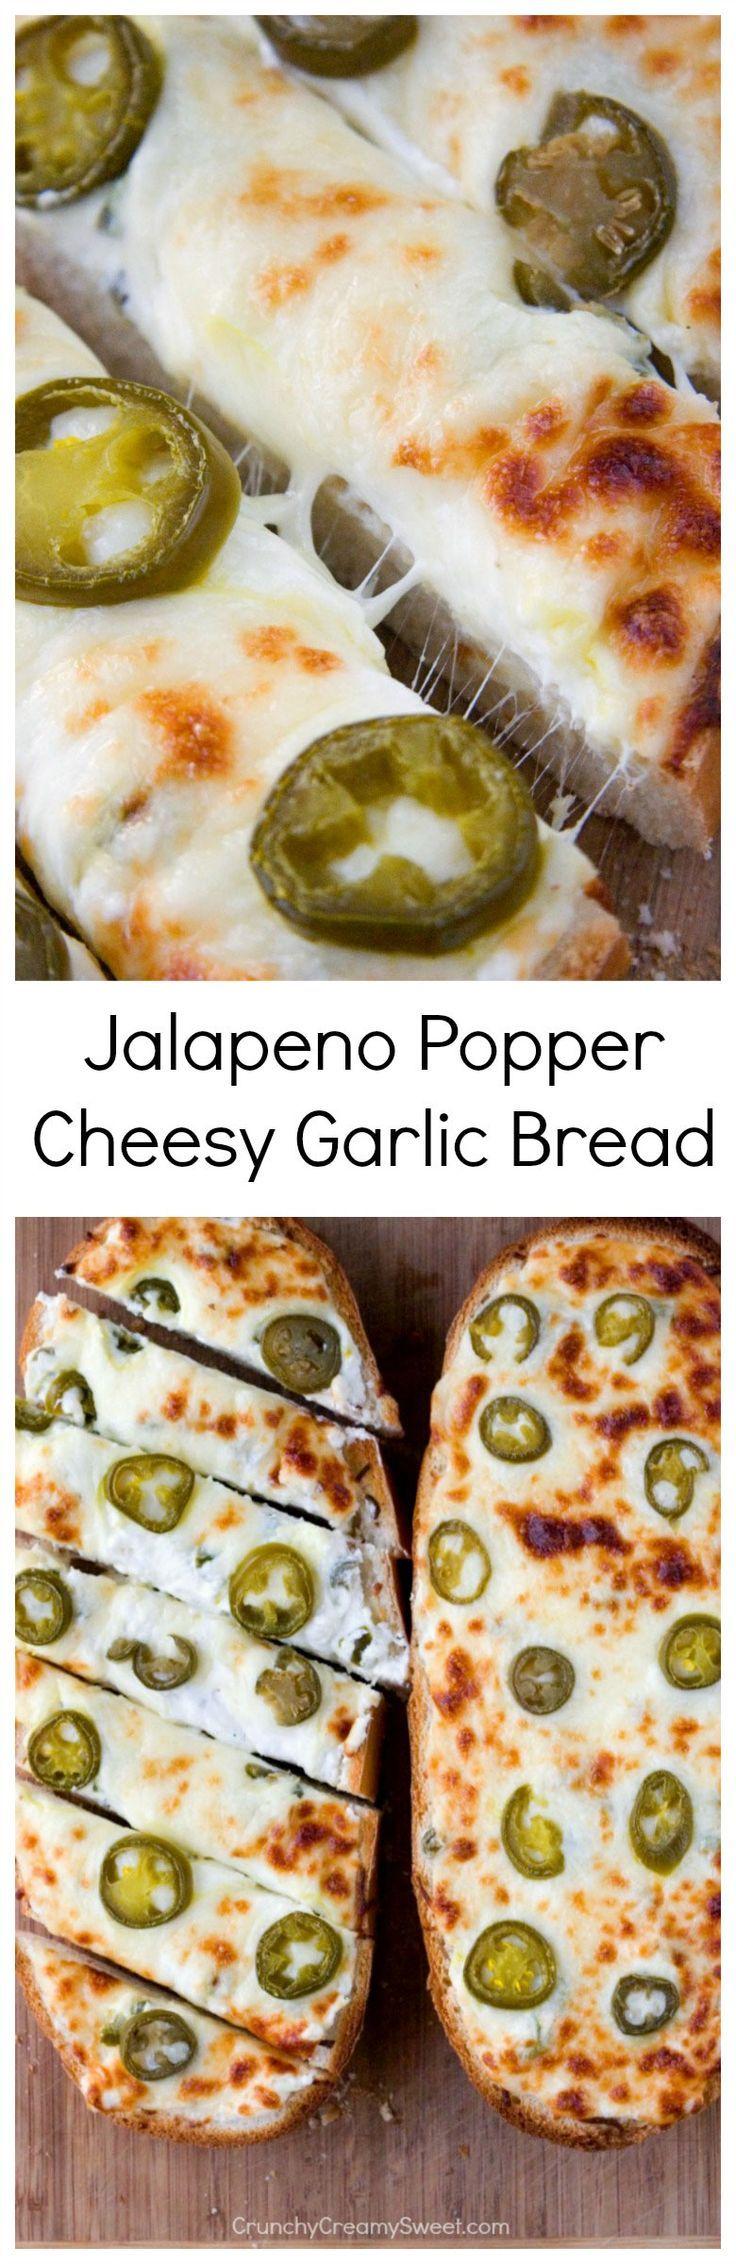 Jalapeno Popper Cheesy Garlic Bread